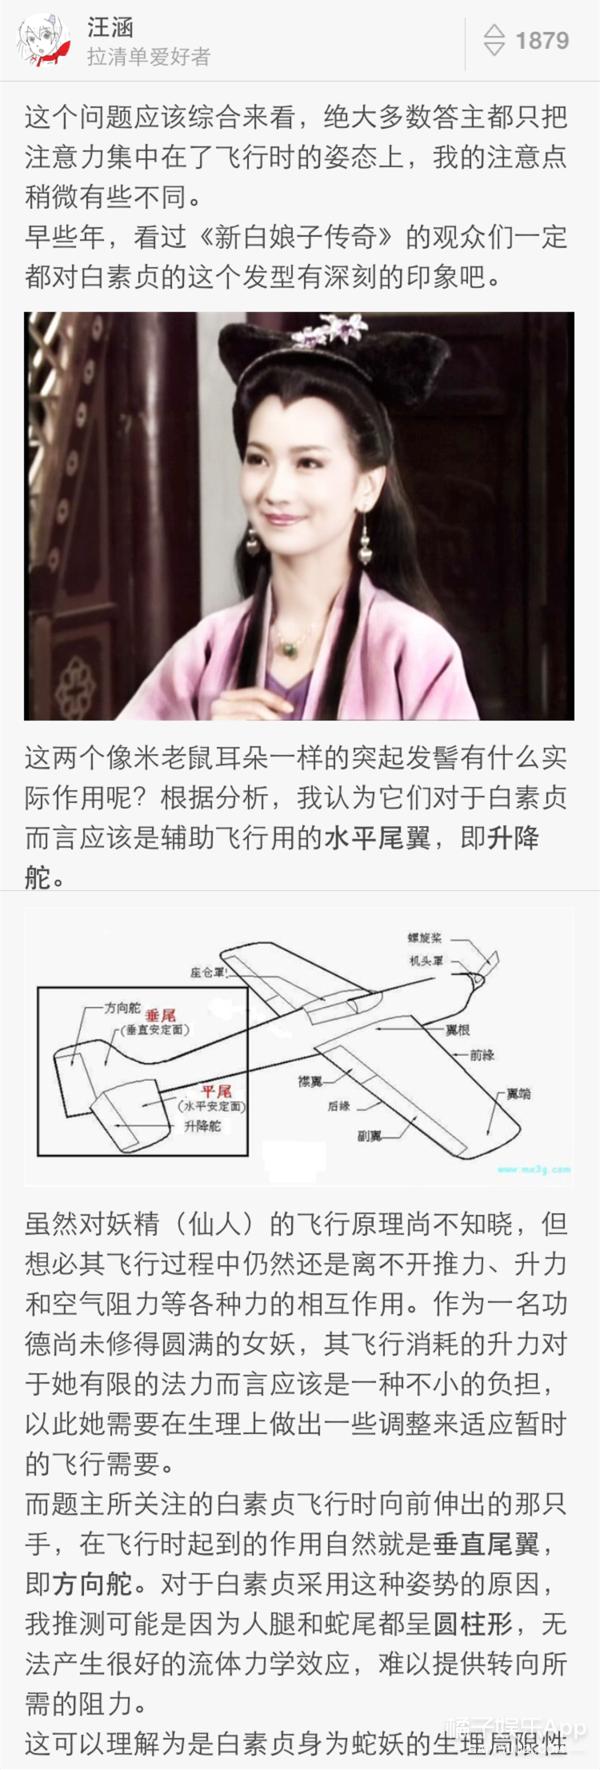 白素贞飞行时,为什么要把一只手往前摆?